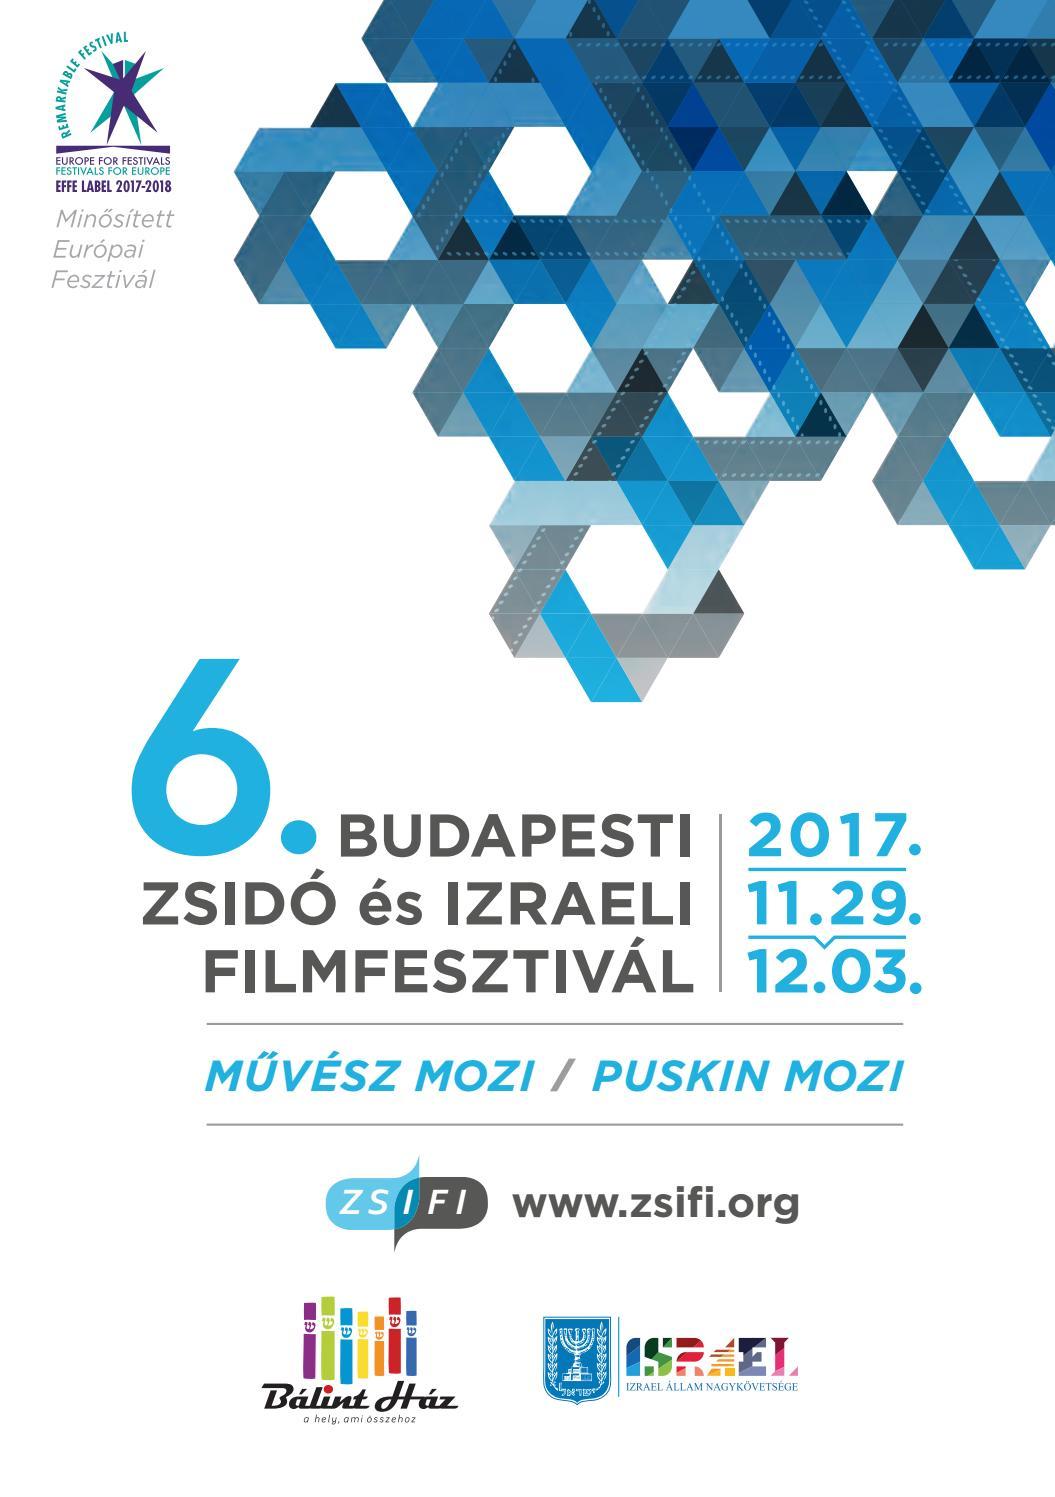 Zsidó és Izraeli Filmfesztivál